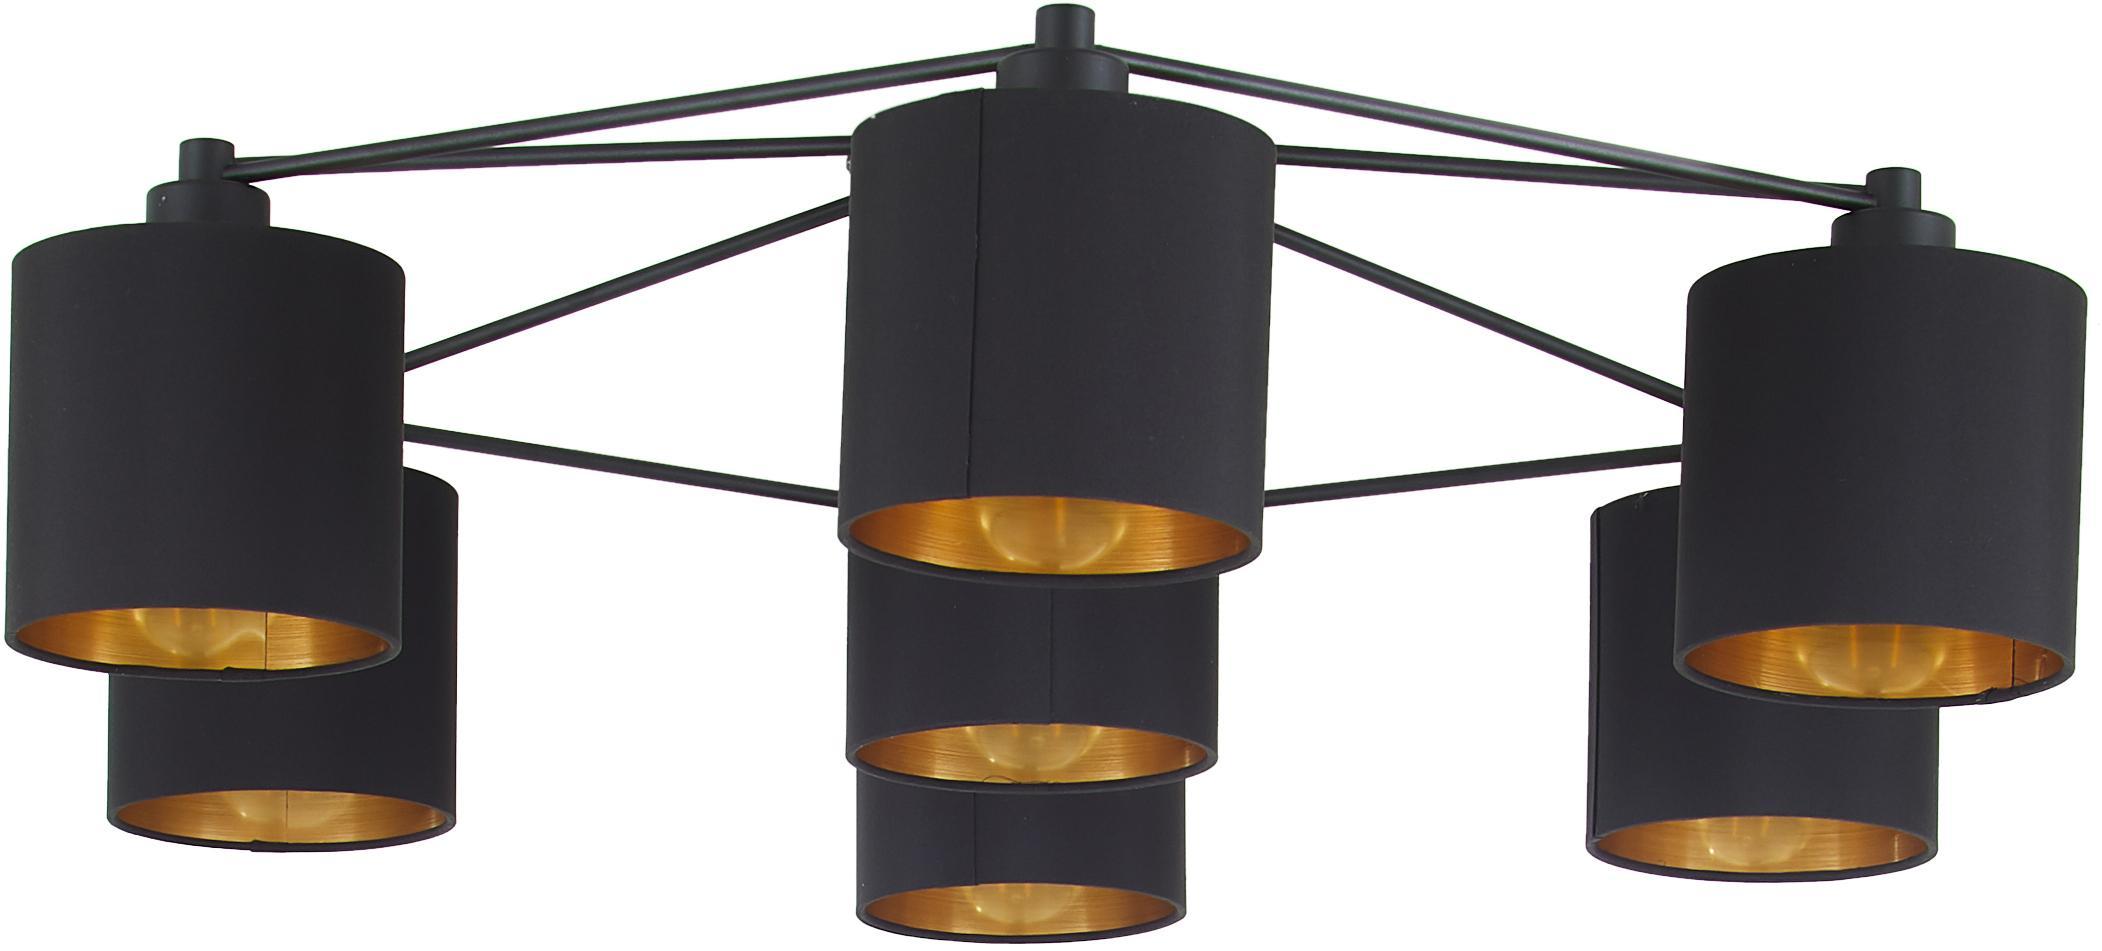 Faretti da soffitto neri Staiti, Paralume: poliestere, Nero, Ø 84 x Alt. 24 cm